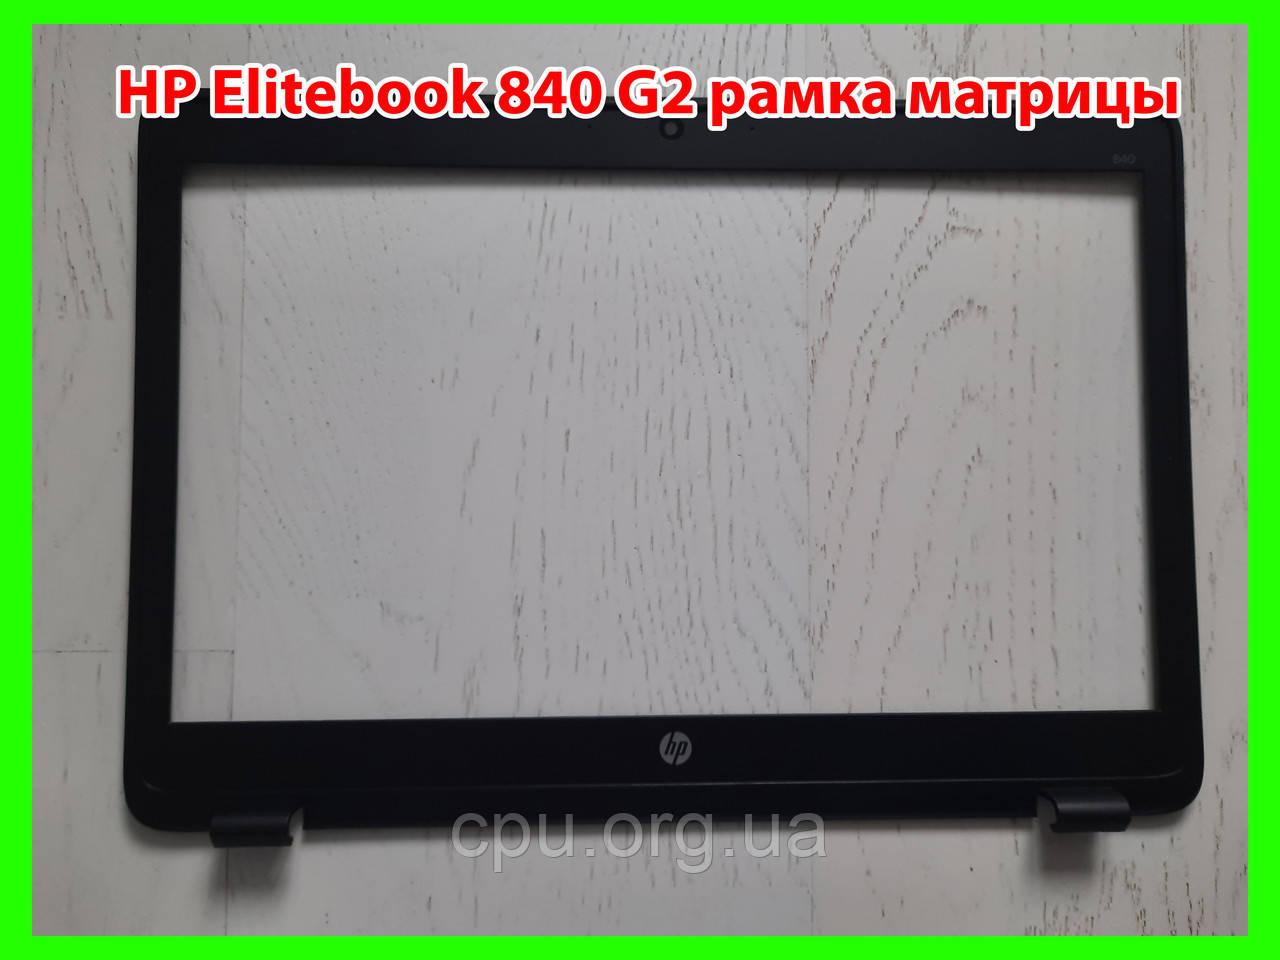 Рамка матрицы HP Elitebook 840 G2 730952-001